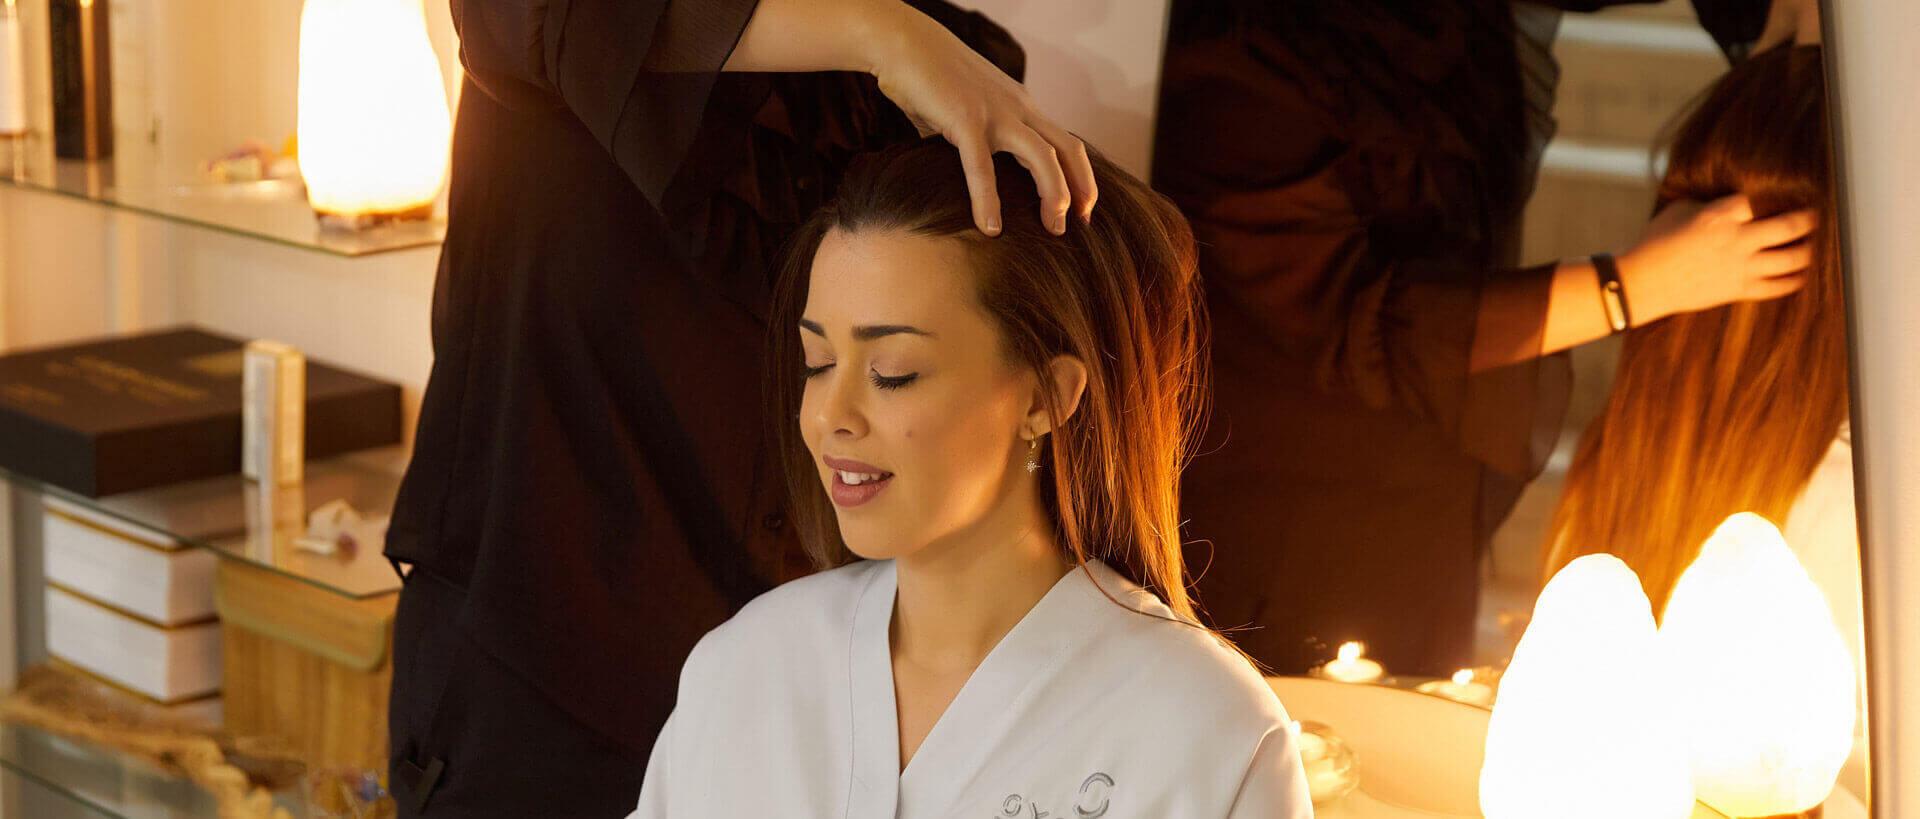 Tratamientos de peluquería en Donostia San Sebastián Esther Ileapaindegia